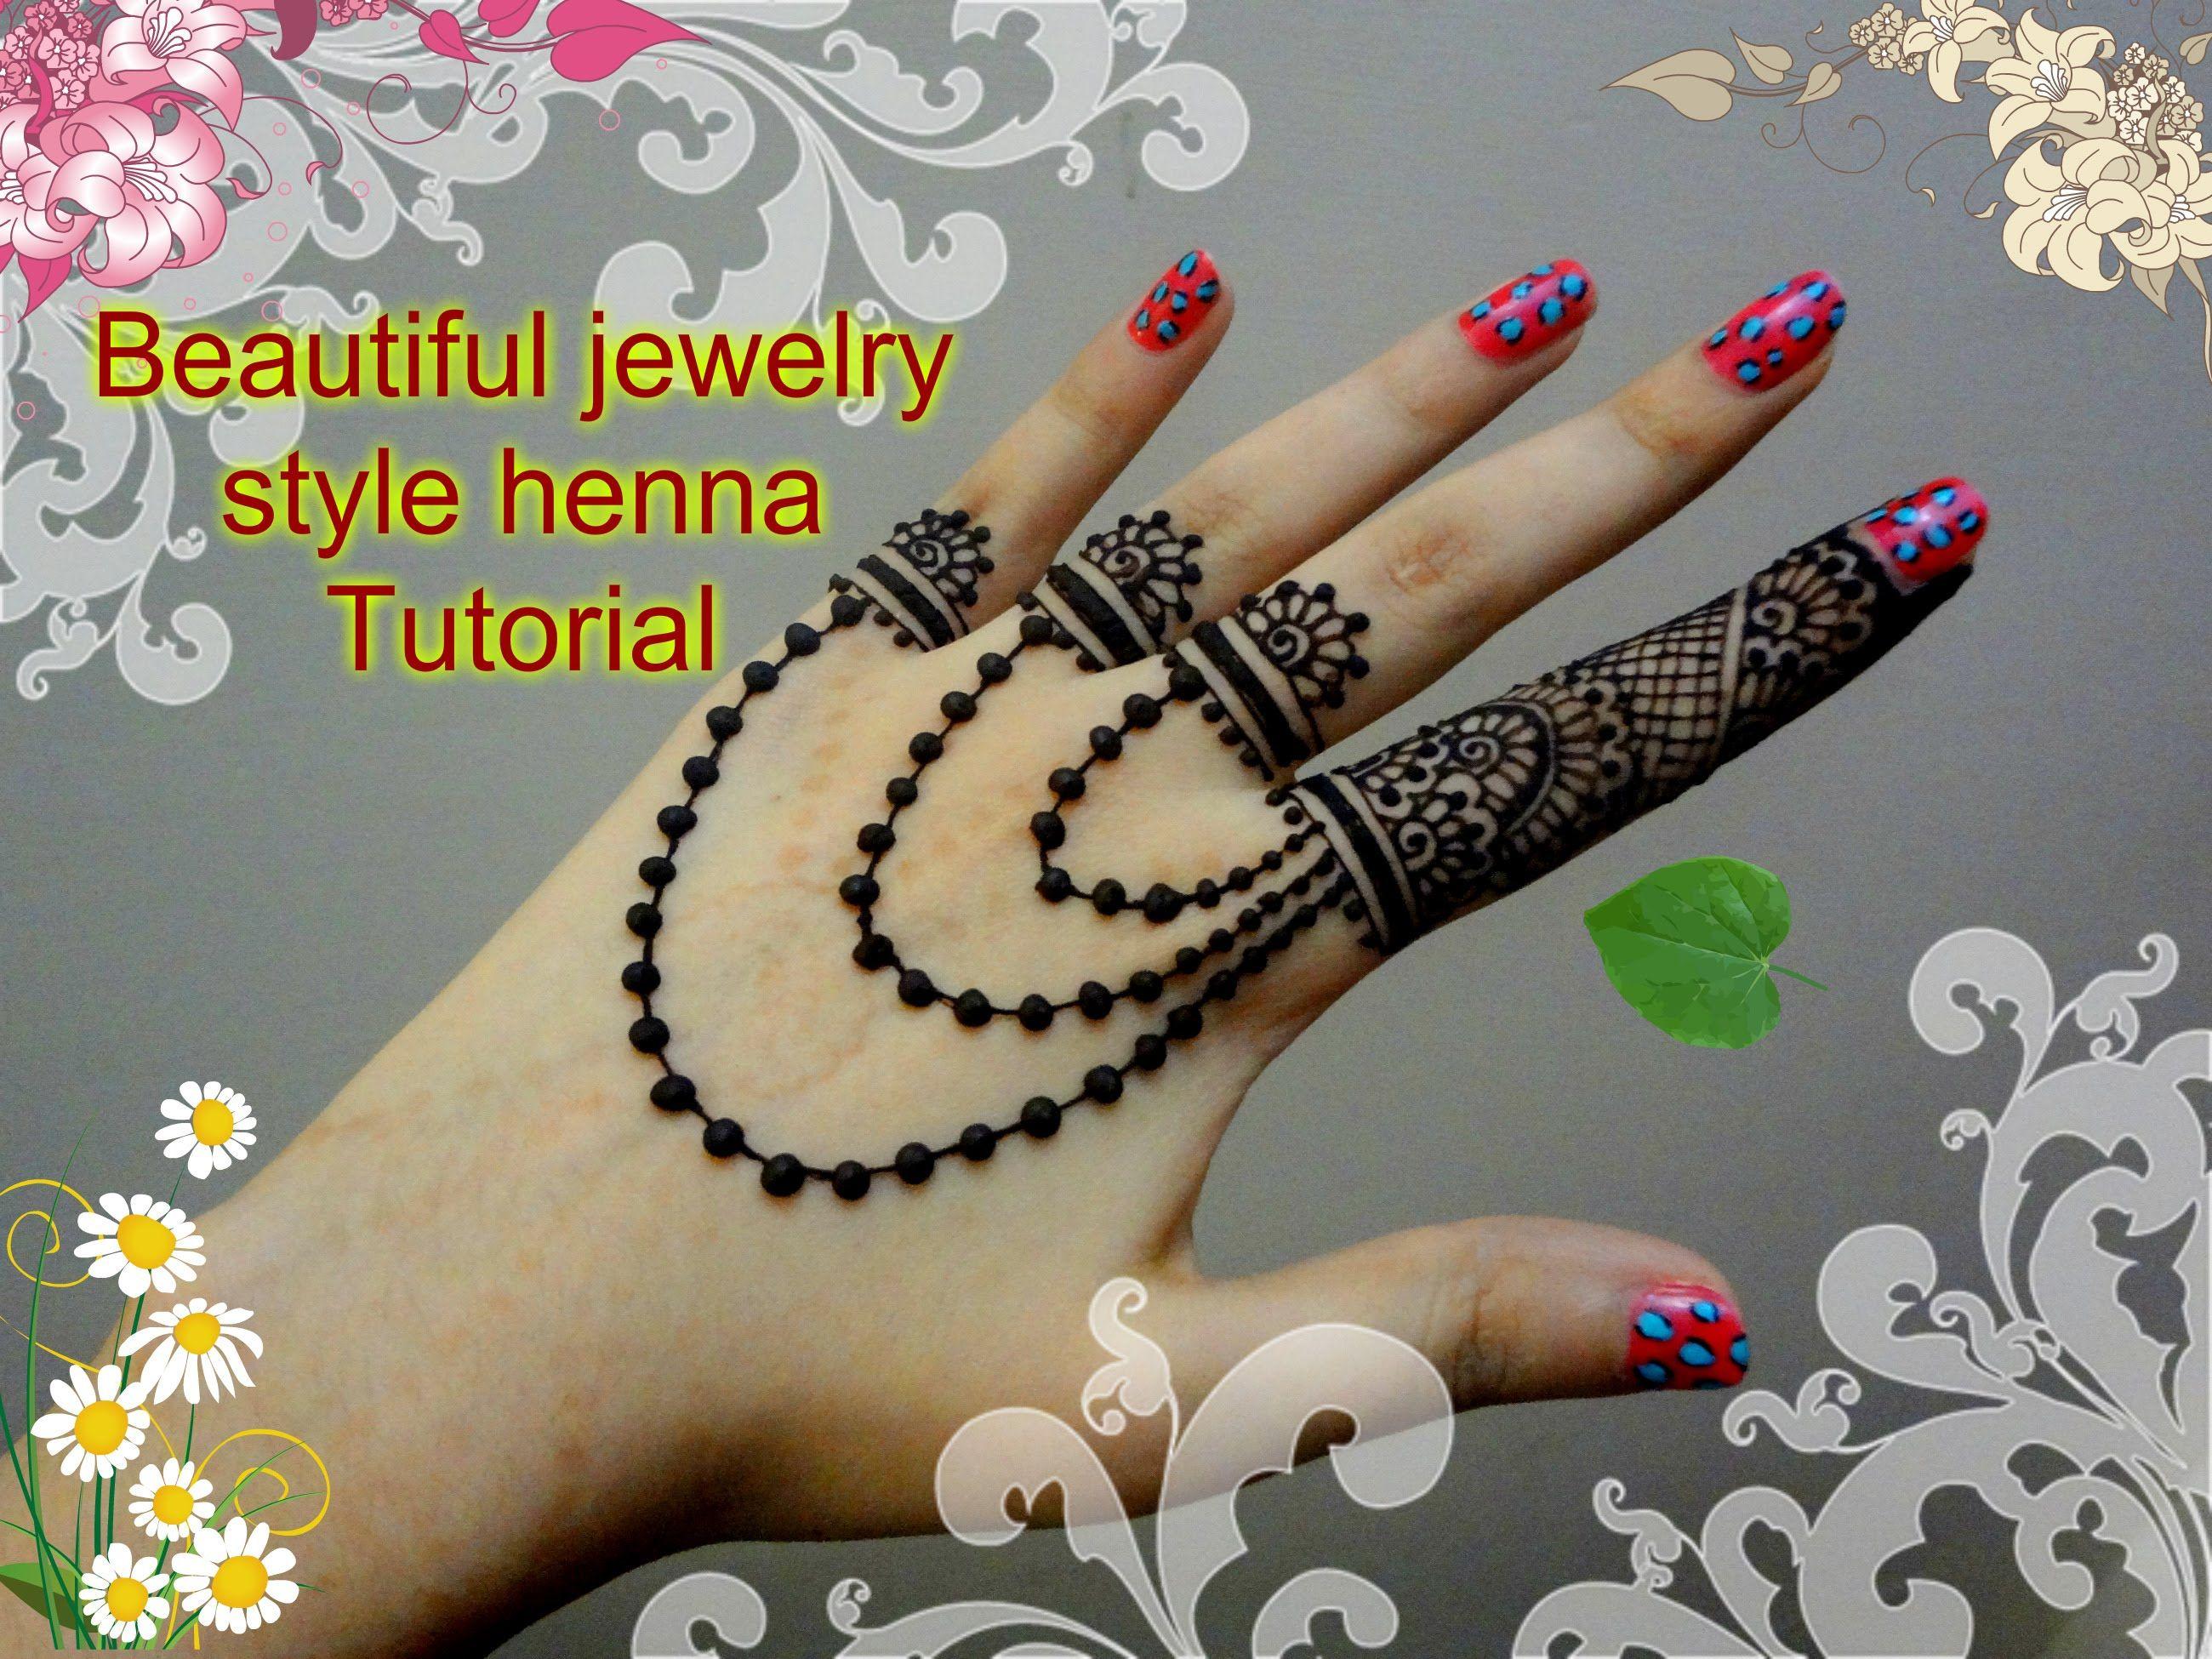 Beautiful henna mehndi jewelry inspired design tutorial for eid beautiful henna mehndi jewelry inspired design tutorial for eid baditri Images